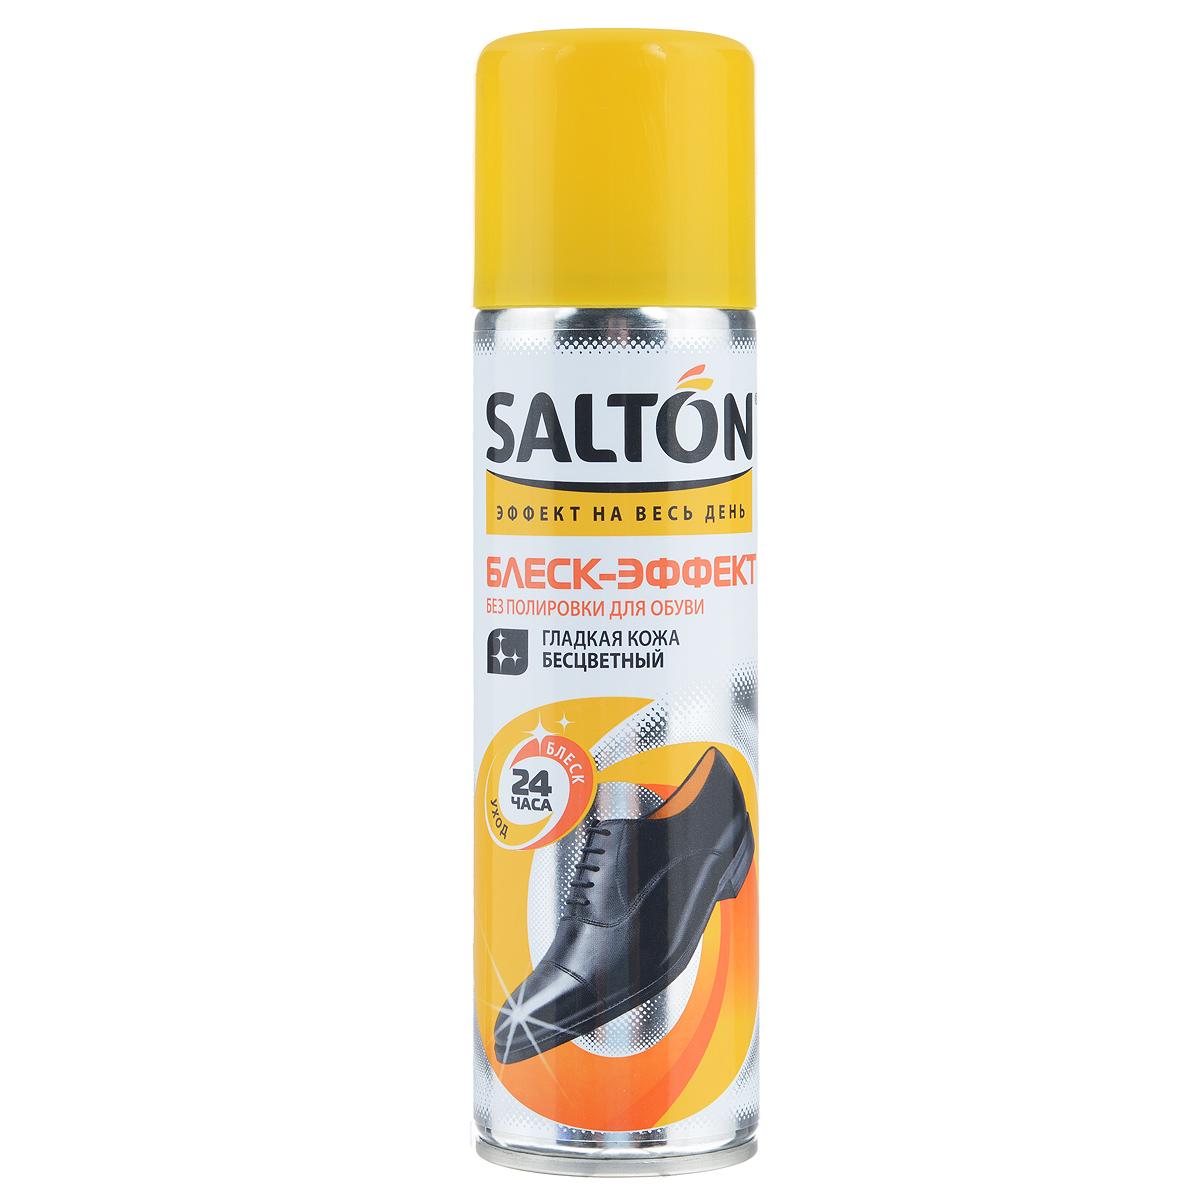 Блеск-эффект без полировки для гладкой кожи Salton, цвет: бесцветный, 250 мл262587291Средство Salton предназначено для придания интенсивного и устойчивого блеска обуви из гладкой кожи. Не требует полировки. Улучшает насыщенность цвета изделия, смягчает кожу, обладает водоотталкивающим эффектом.Не использовать для лаковой кожи!Состав: 30%: алифатический растворитель, пропеллент (бутан, изобутан, пропан).